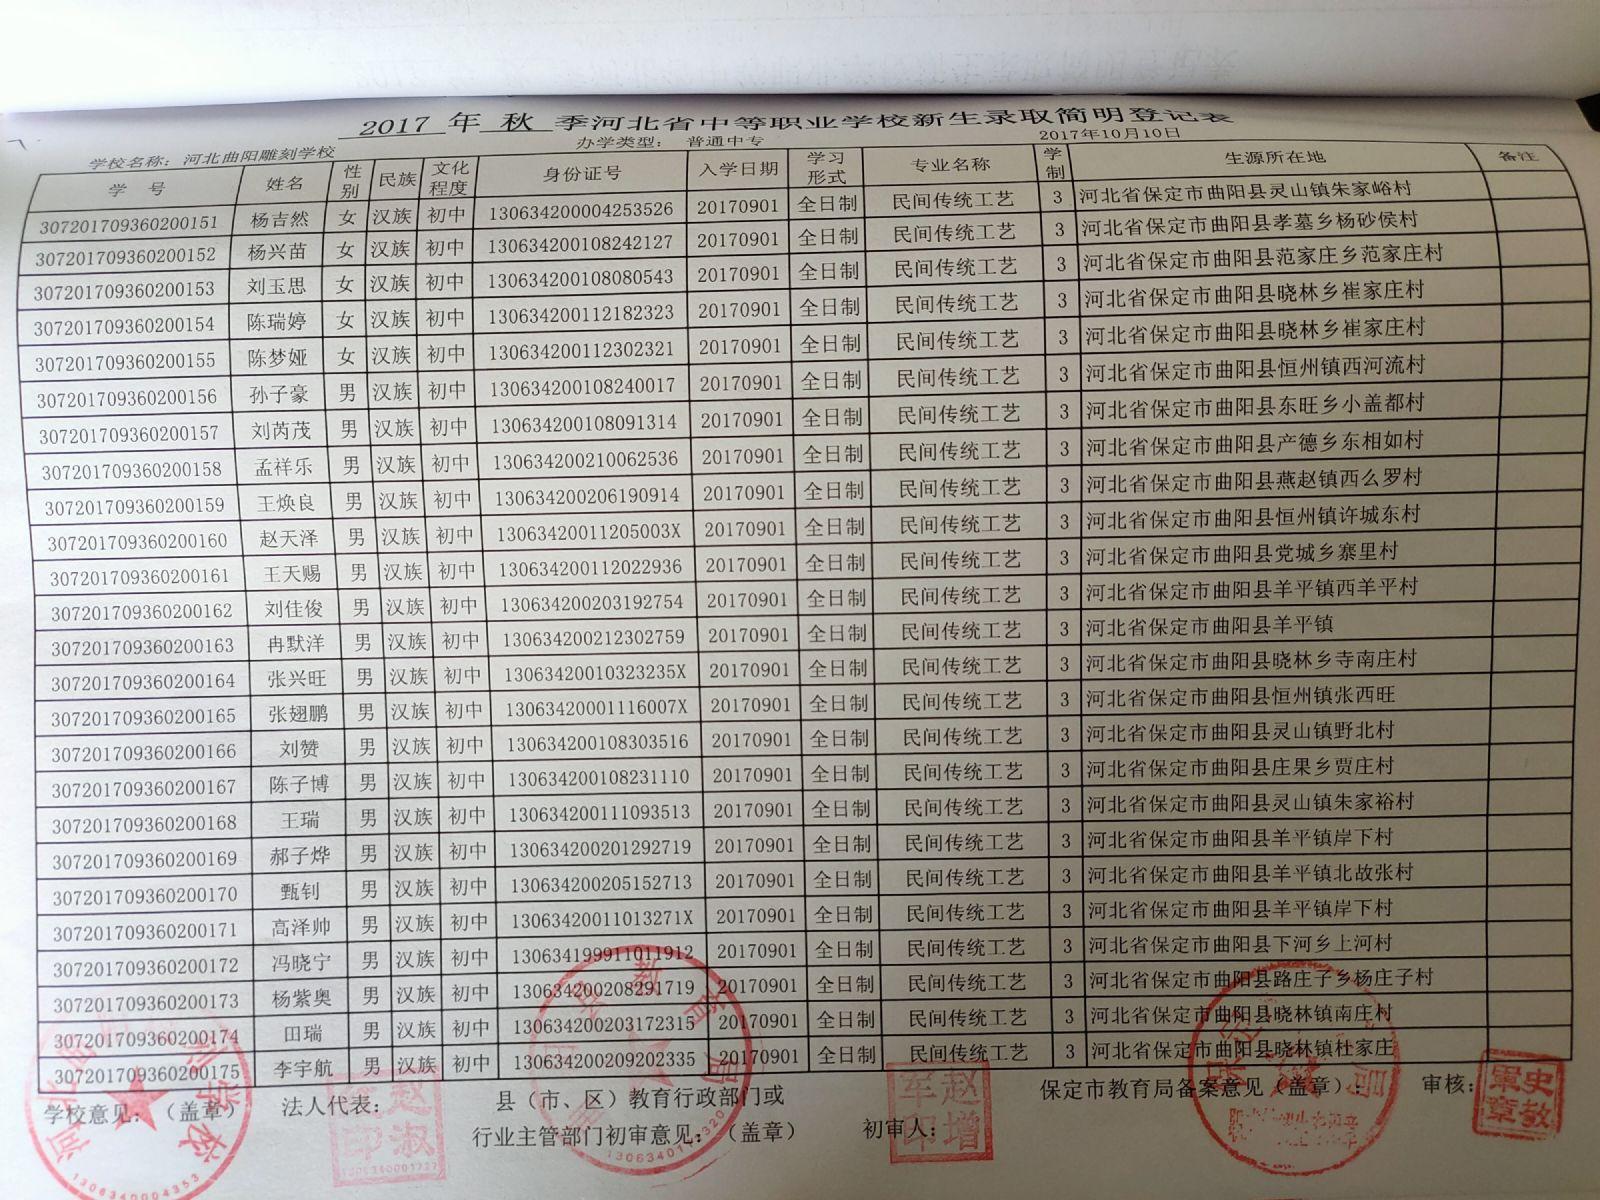 河北曲阳雕刻学校工艺雕塑厂简介